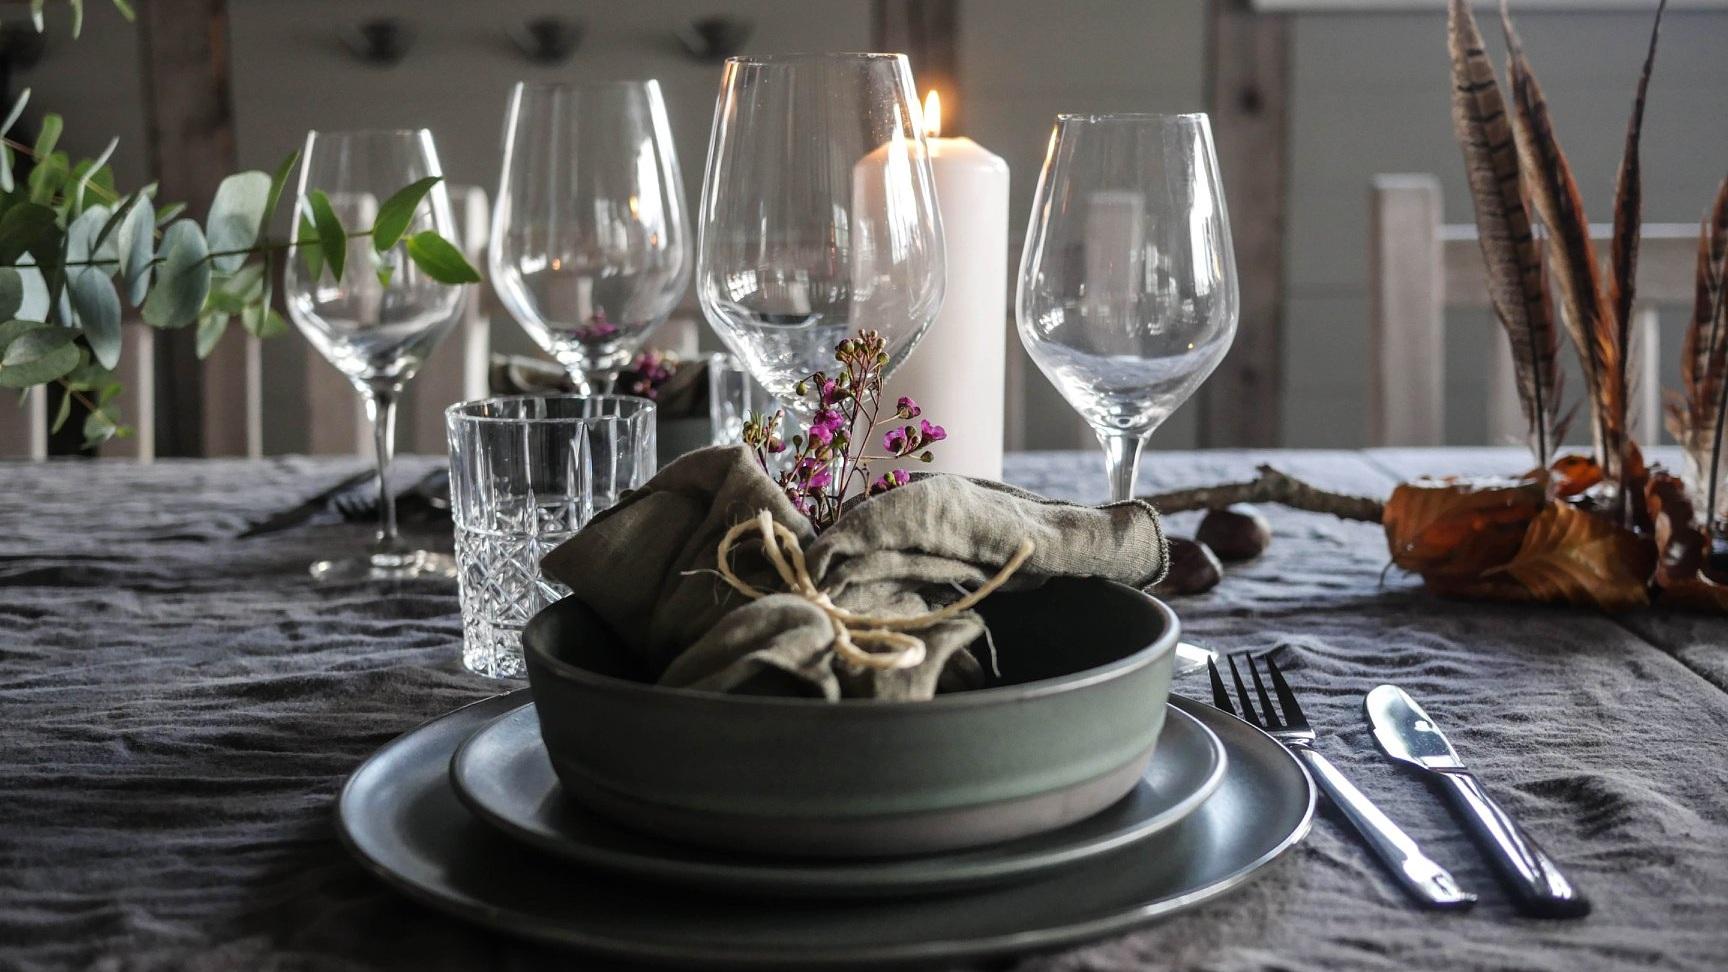 Kokkeskole - Kokkeskolernes formål er at lærer dig gastronomiens kunst, i selskab med nogle af landets førende kokke.